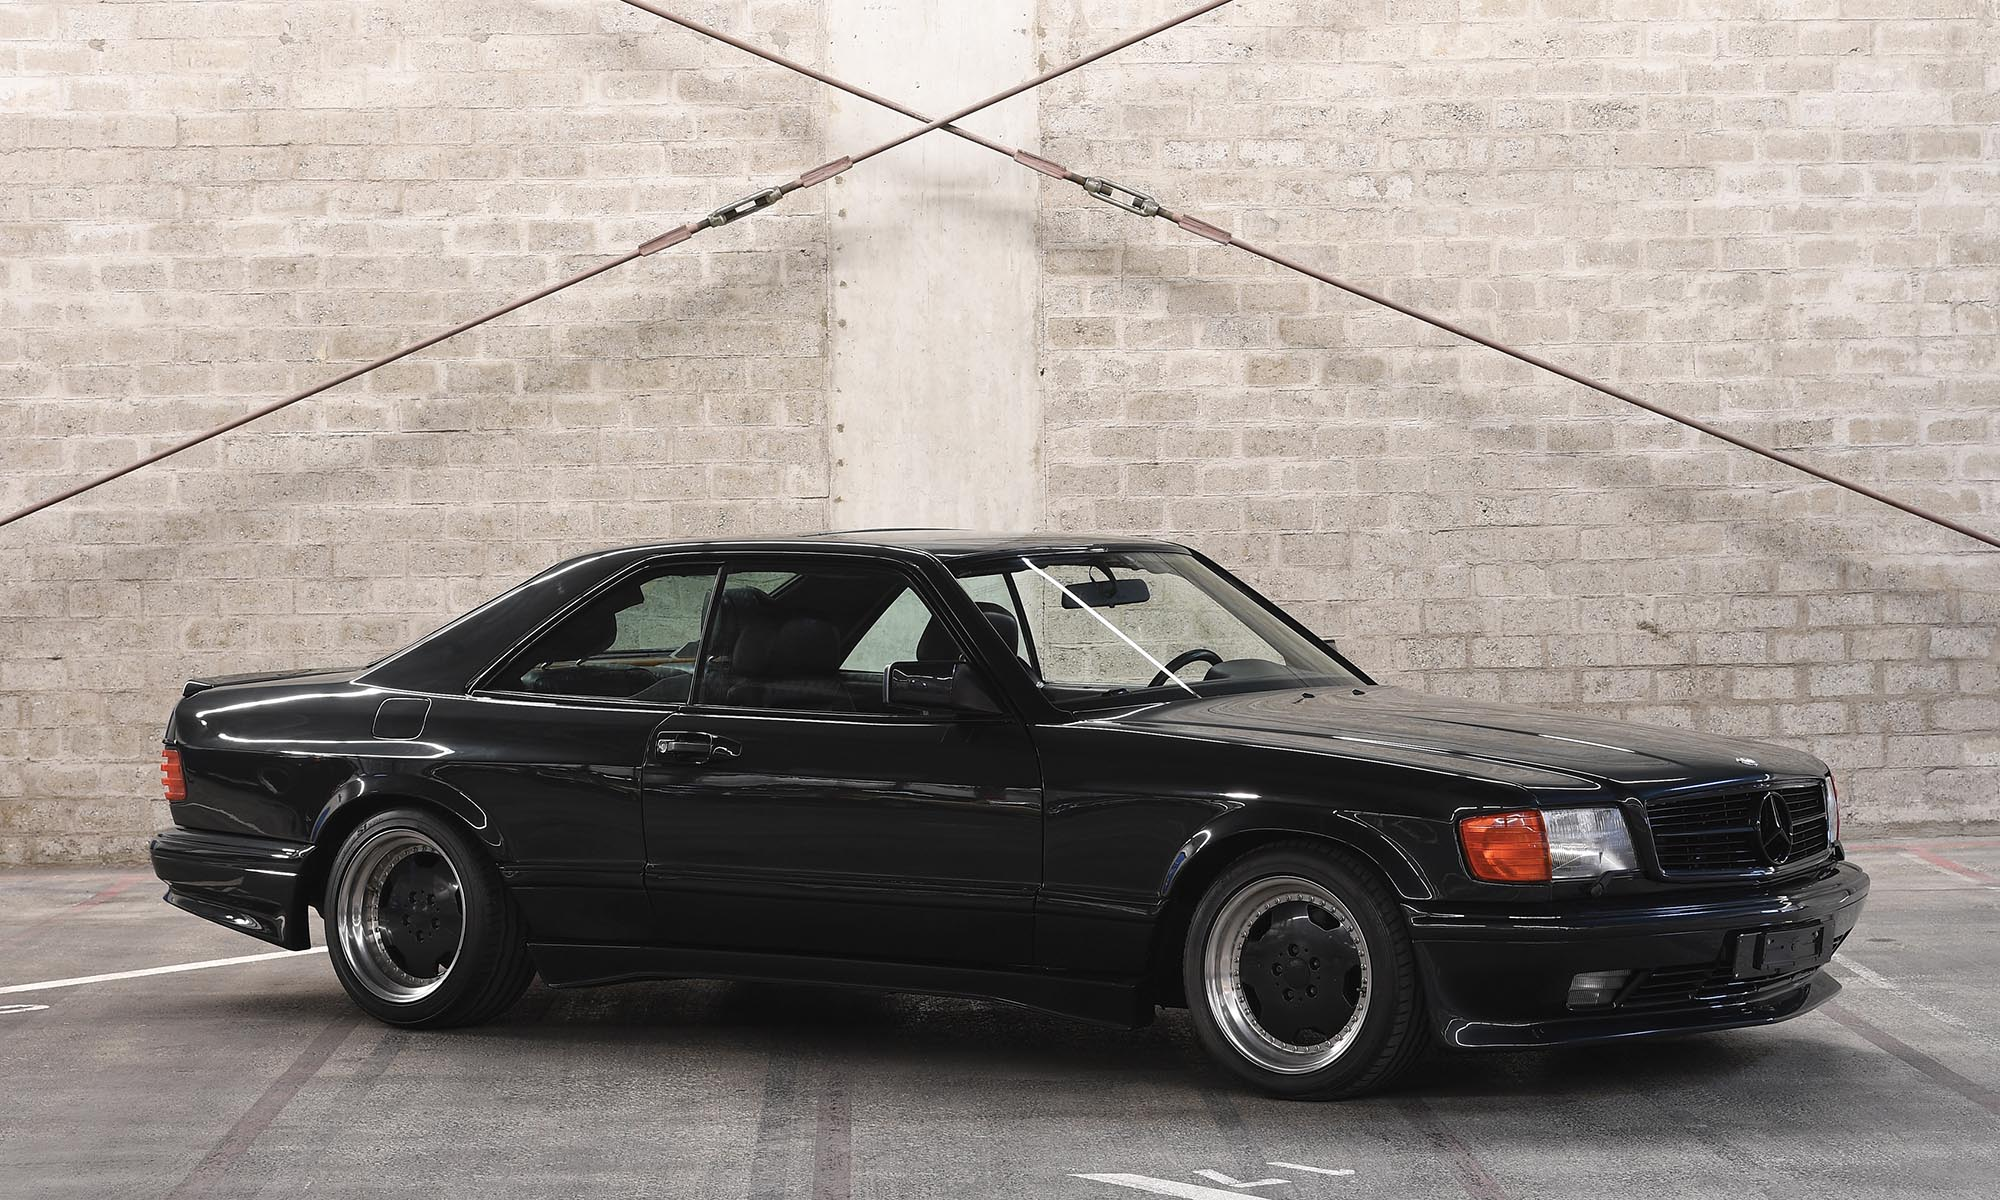 A nyolcvanas évek végén ez az AMG kupé volt a Mercedesek királya